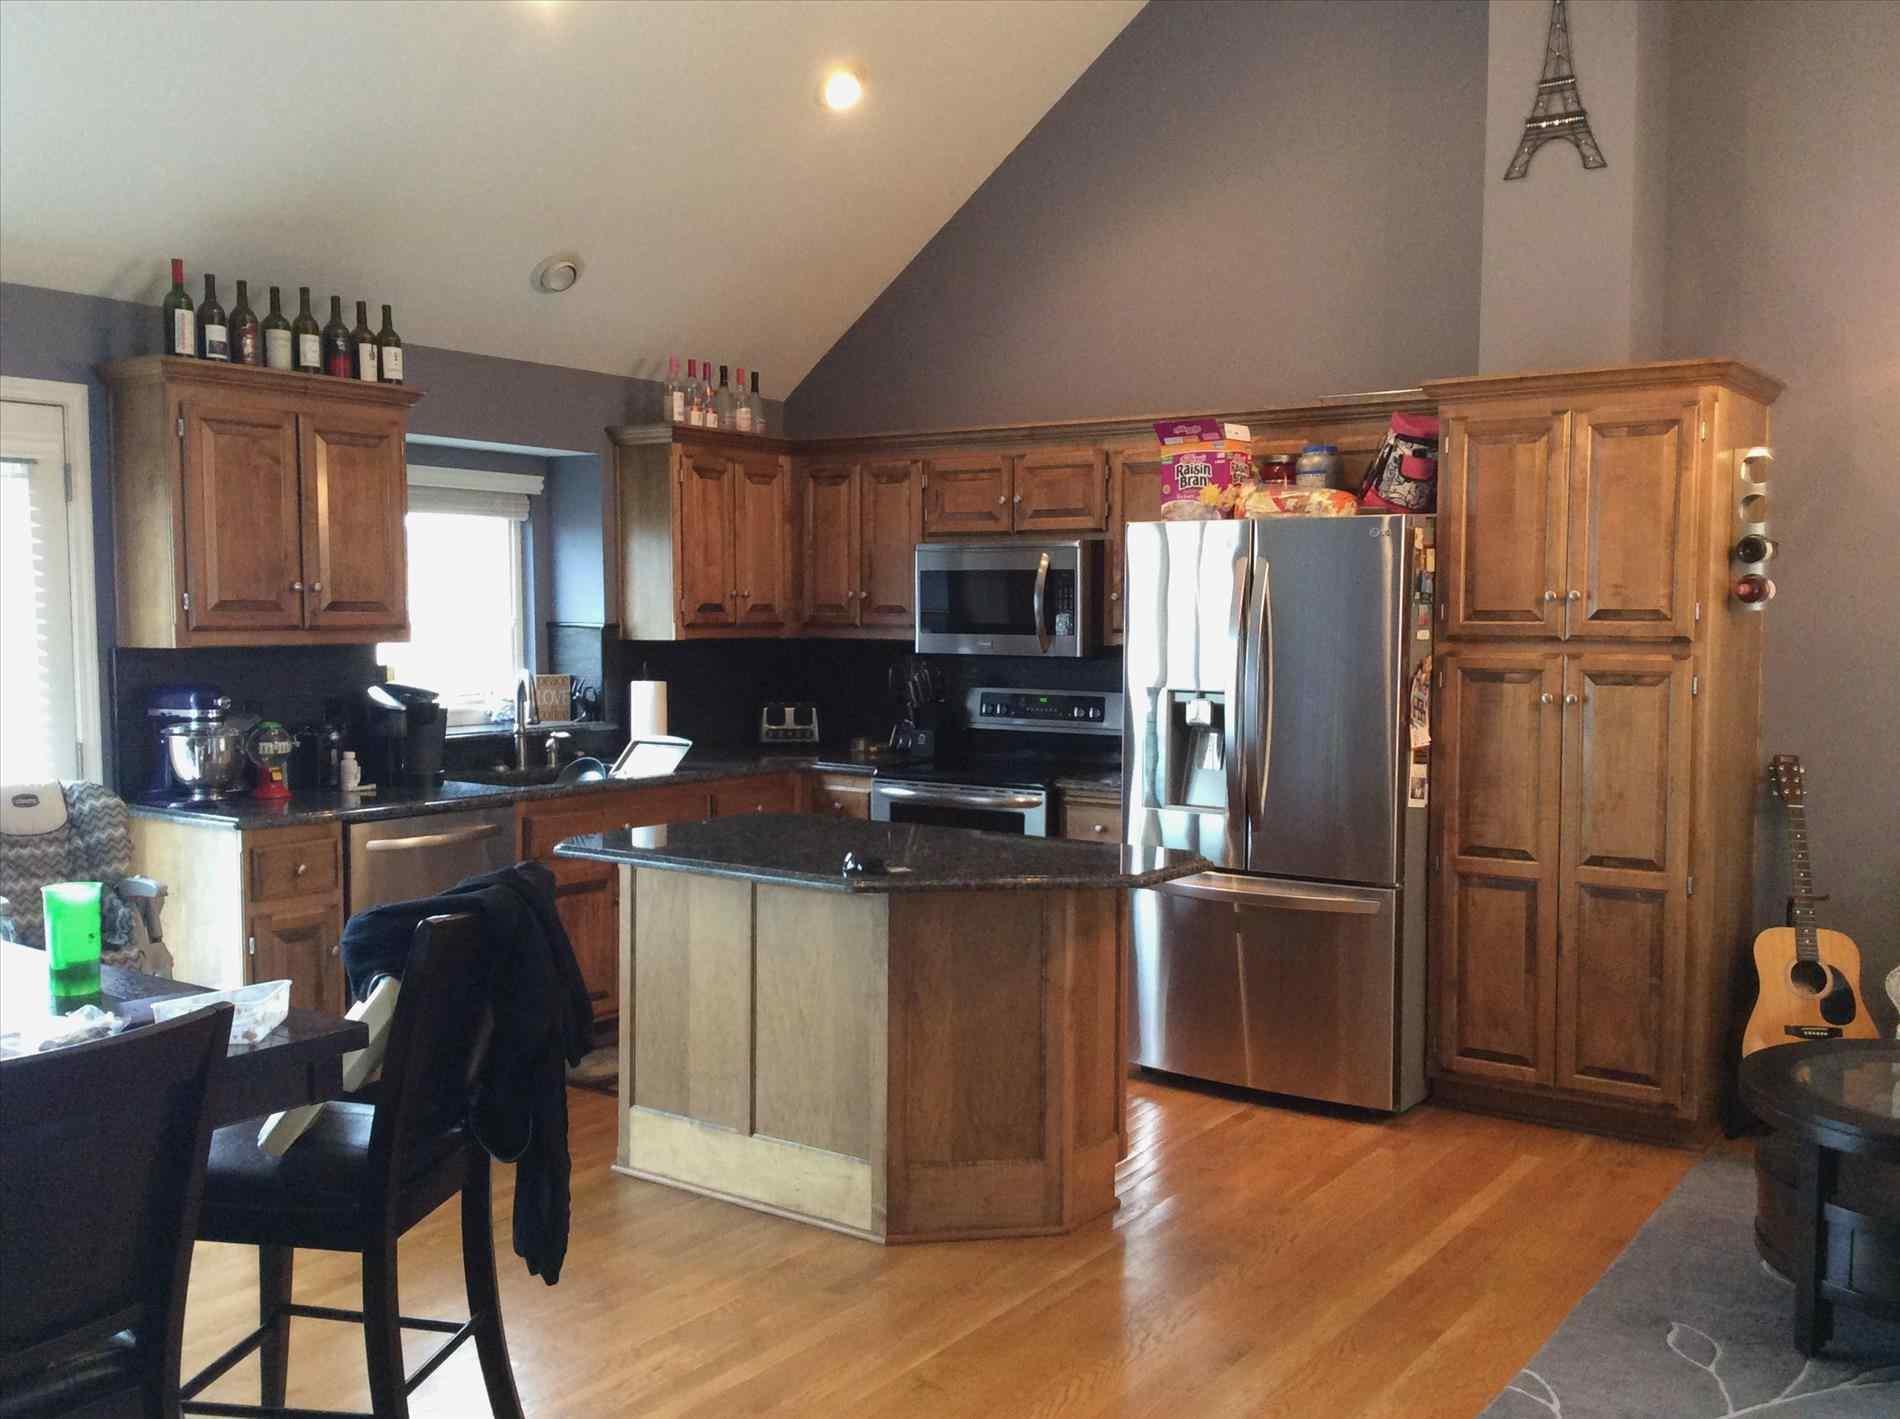 Cafe-Style-Kitchen-Decor-design-kitchen decor theme ideas